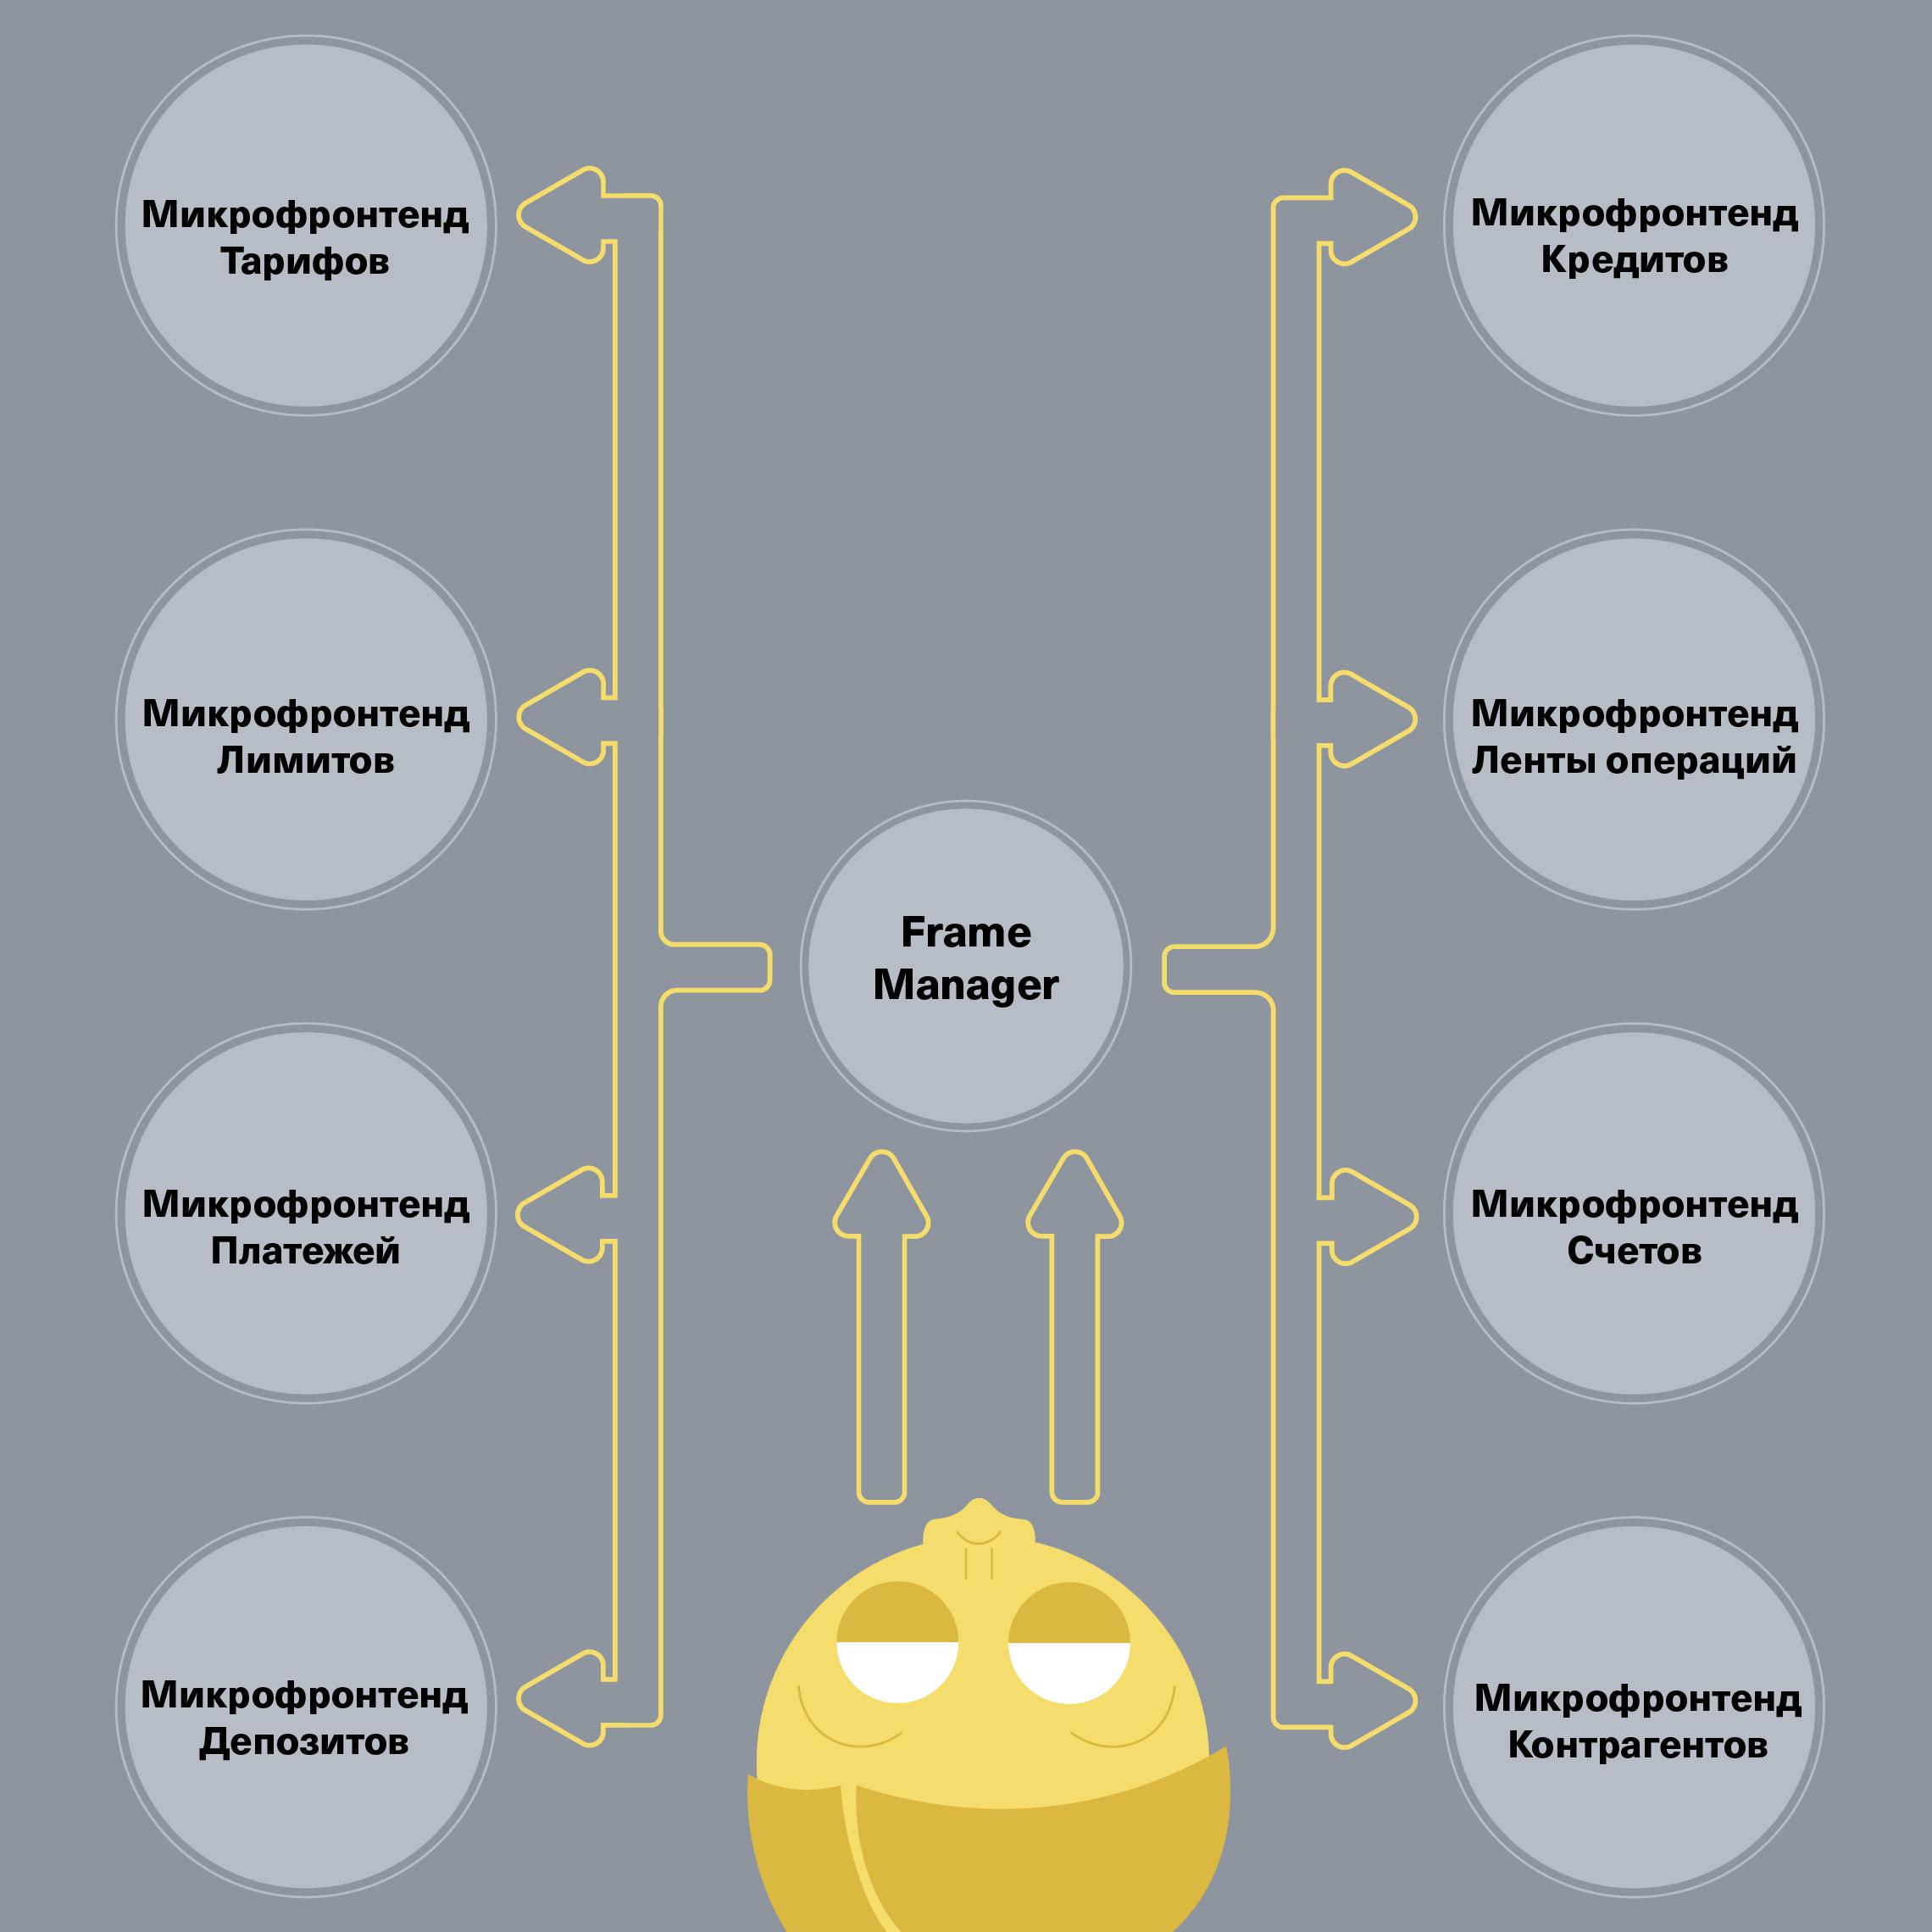 Схема взаимодействия клиента с микрофронтендом